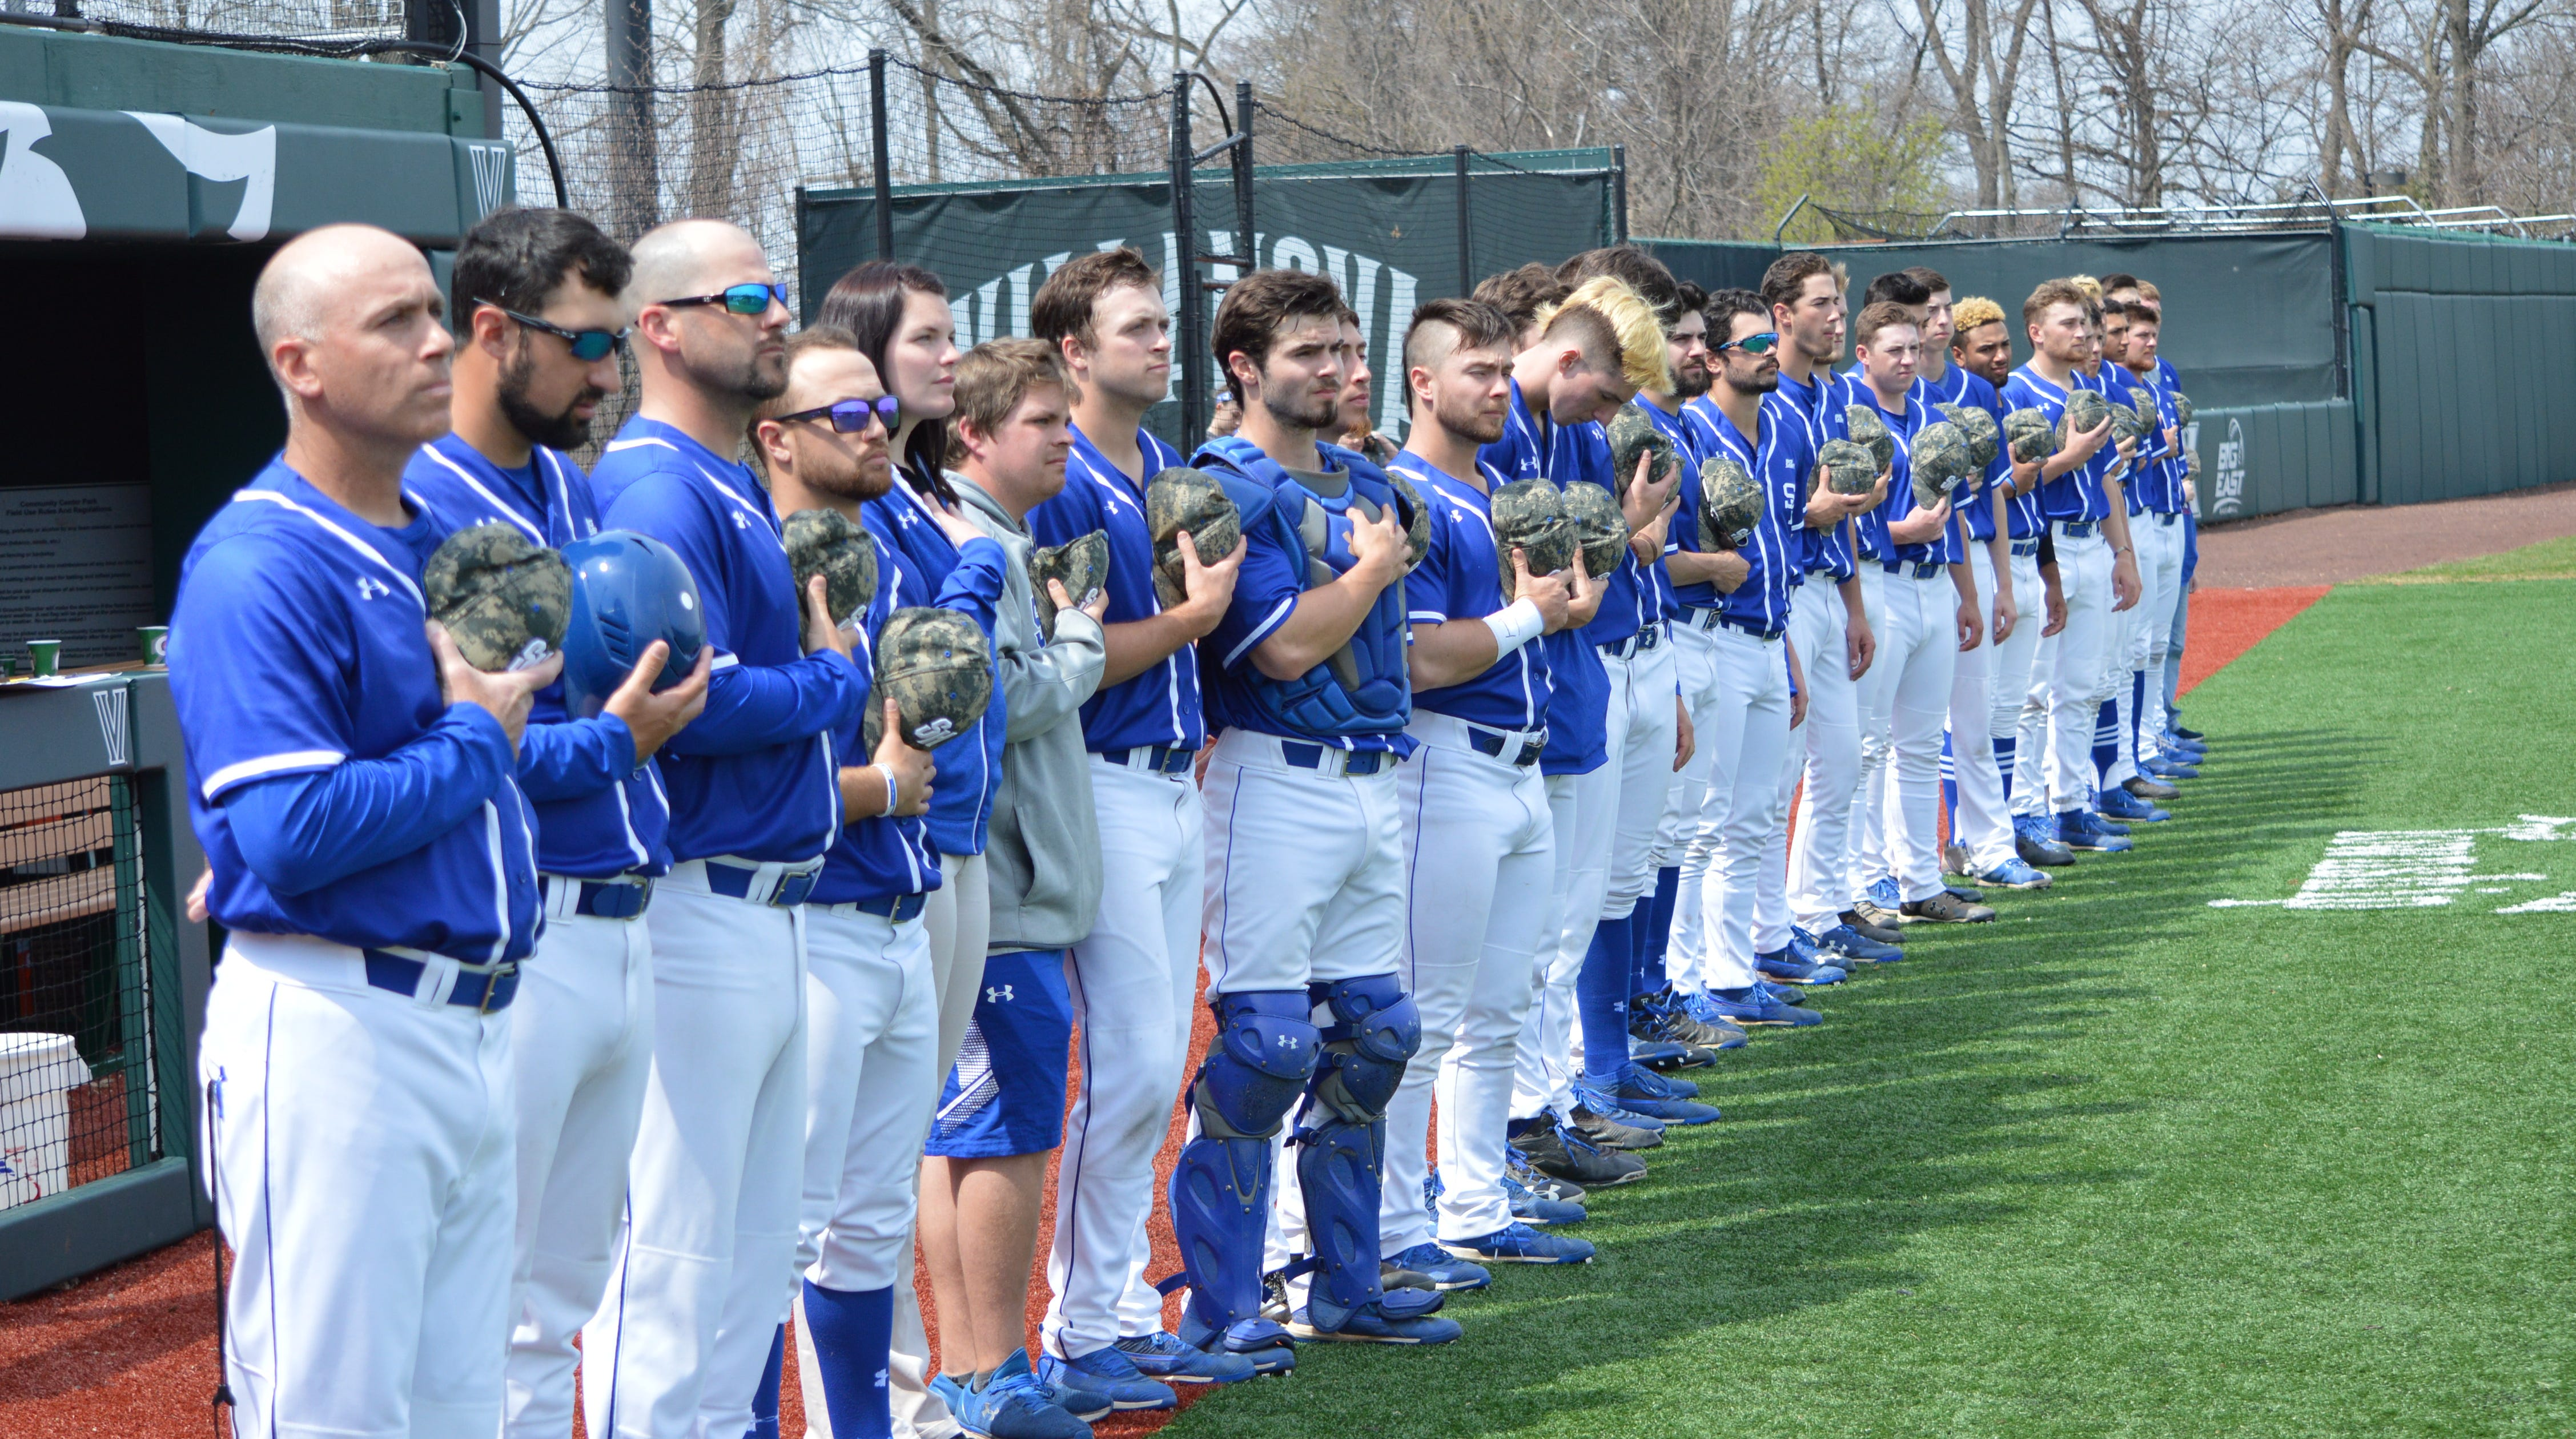 Seton Hall baseball lines up for the national...